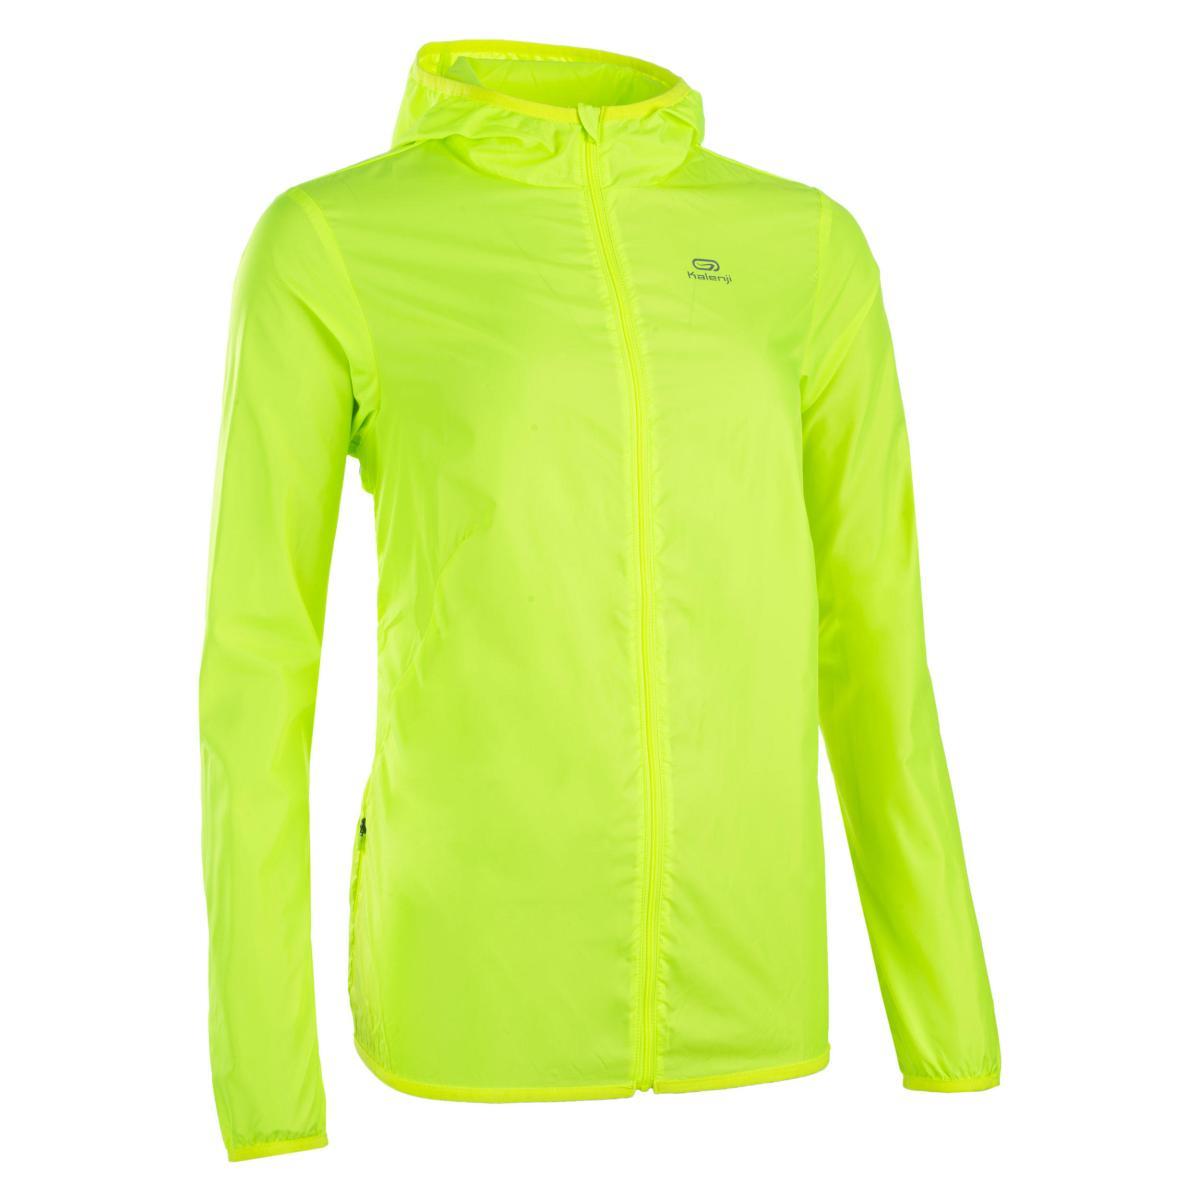 Windjack voor atletiek dames club personaliseerbaar geel